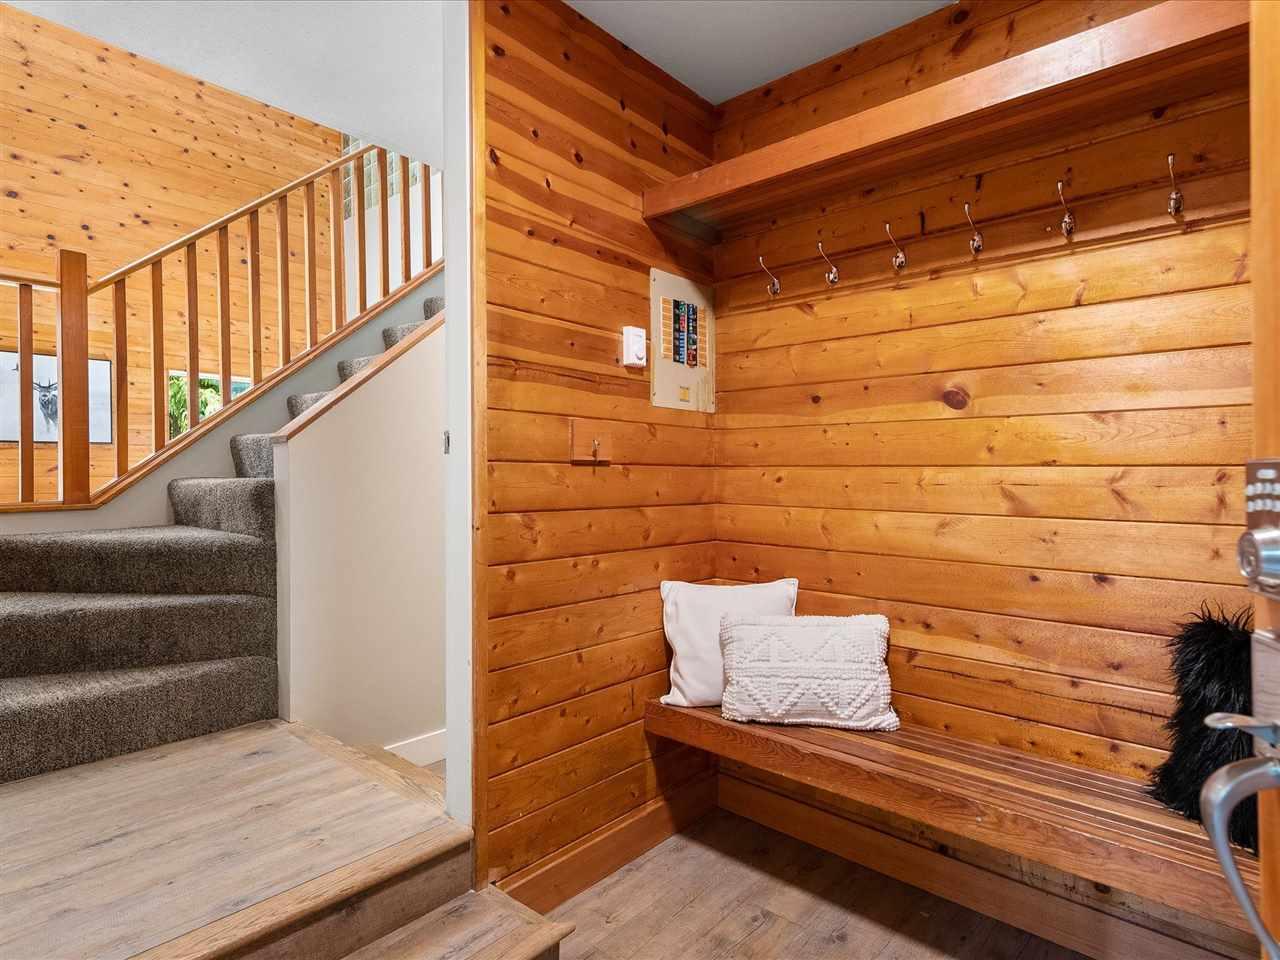 72 2222 BRANDYWINE WAY - Bayshores 1/2 Duplex for sale, 3 Bedrooms (R2591139) - #23